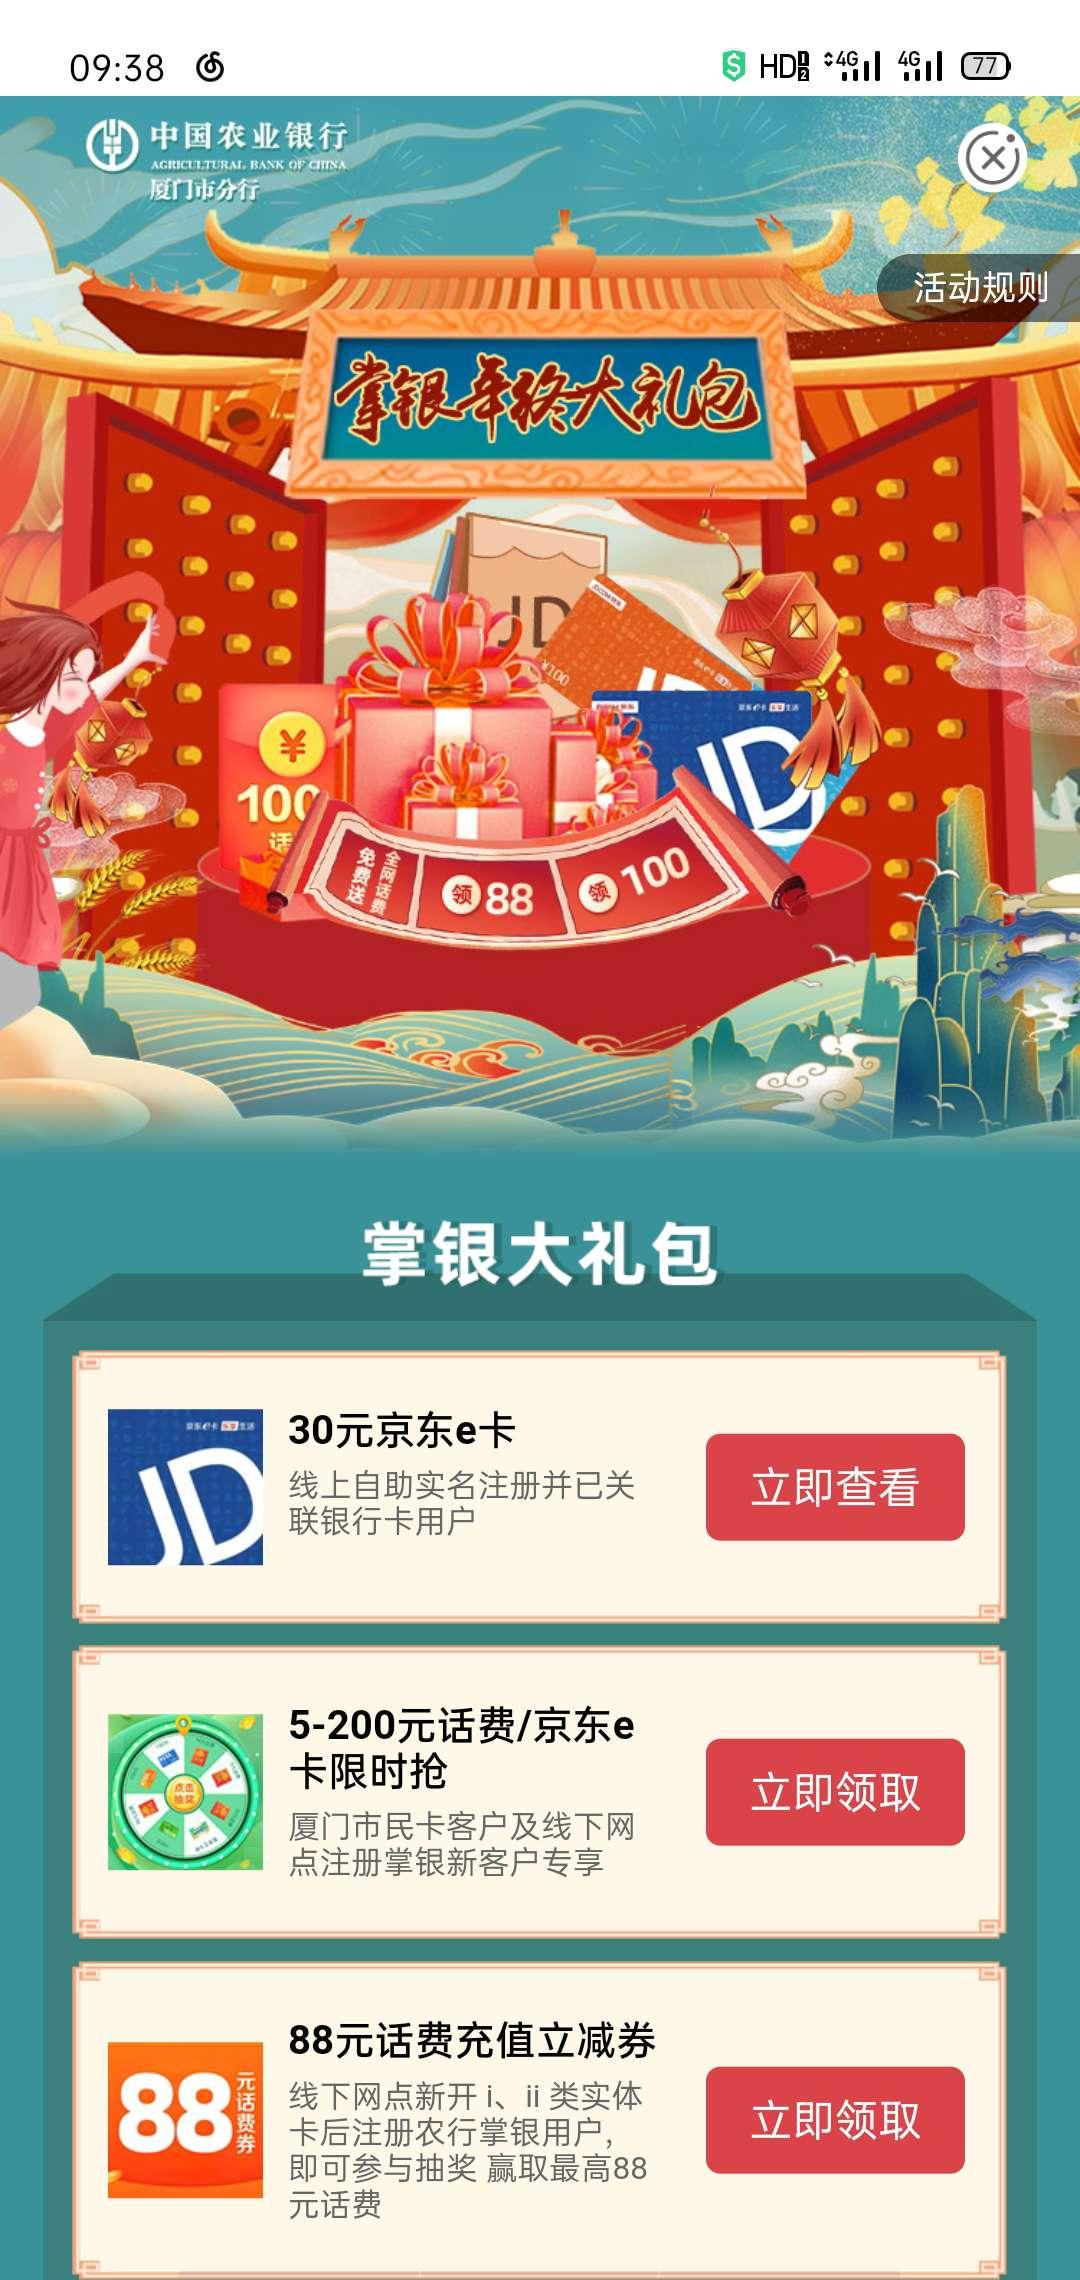 中国农业银行送30京东e卡-聚合资源网